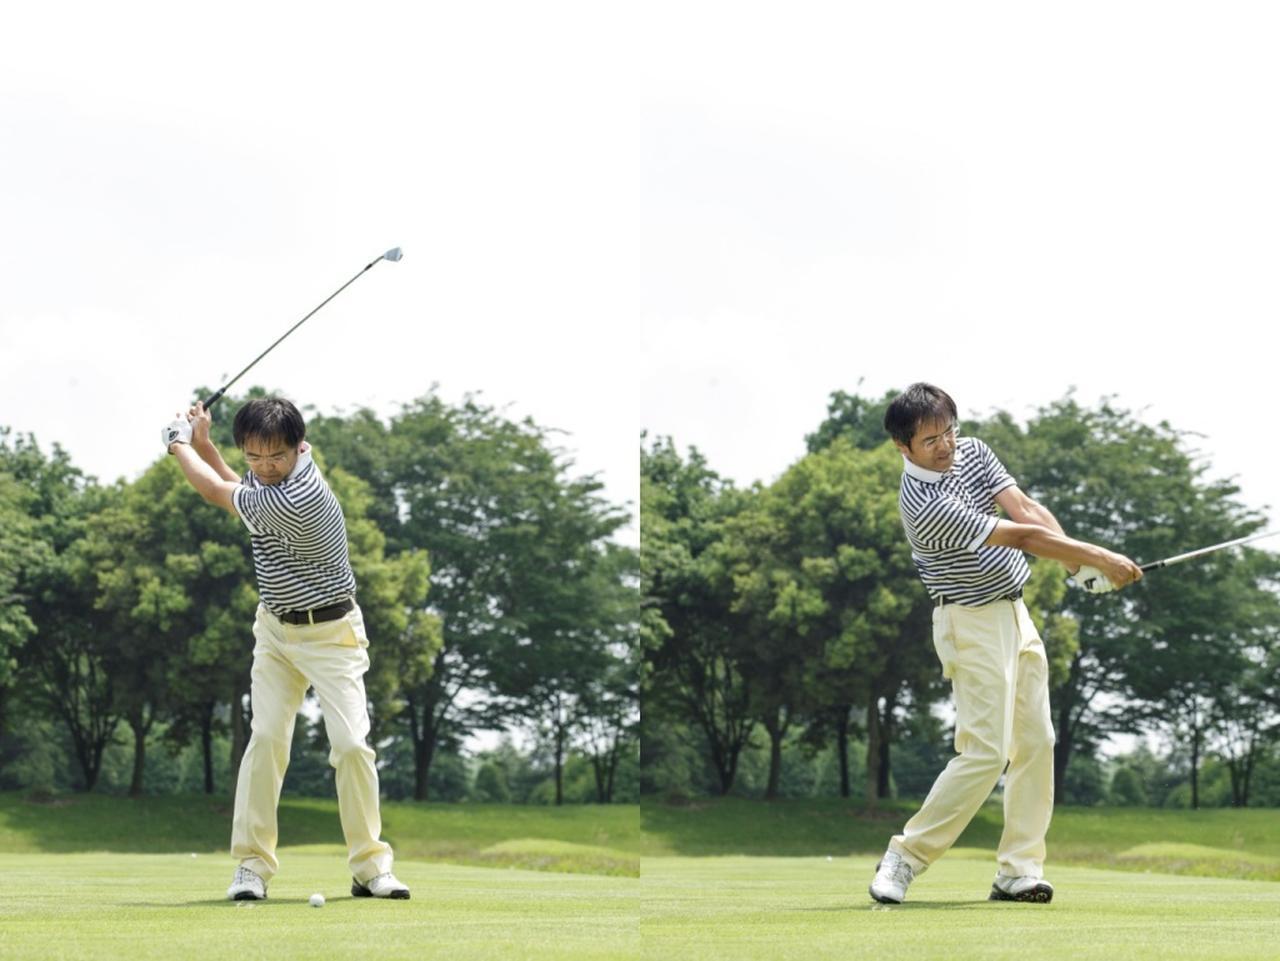 画像: アドレスを省略して、いきなりトップから打ってみる。 この際、トップでは静止をせずに動いたままのような感覚で、全身で球を打ちにいくことがポイント。 体の部位に順番をつけて4拍子で打つイメージが消え、力まず体の入れ替えだけでシンプルに打てるようになる